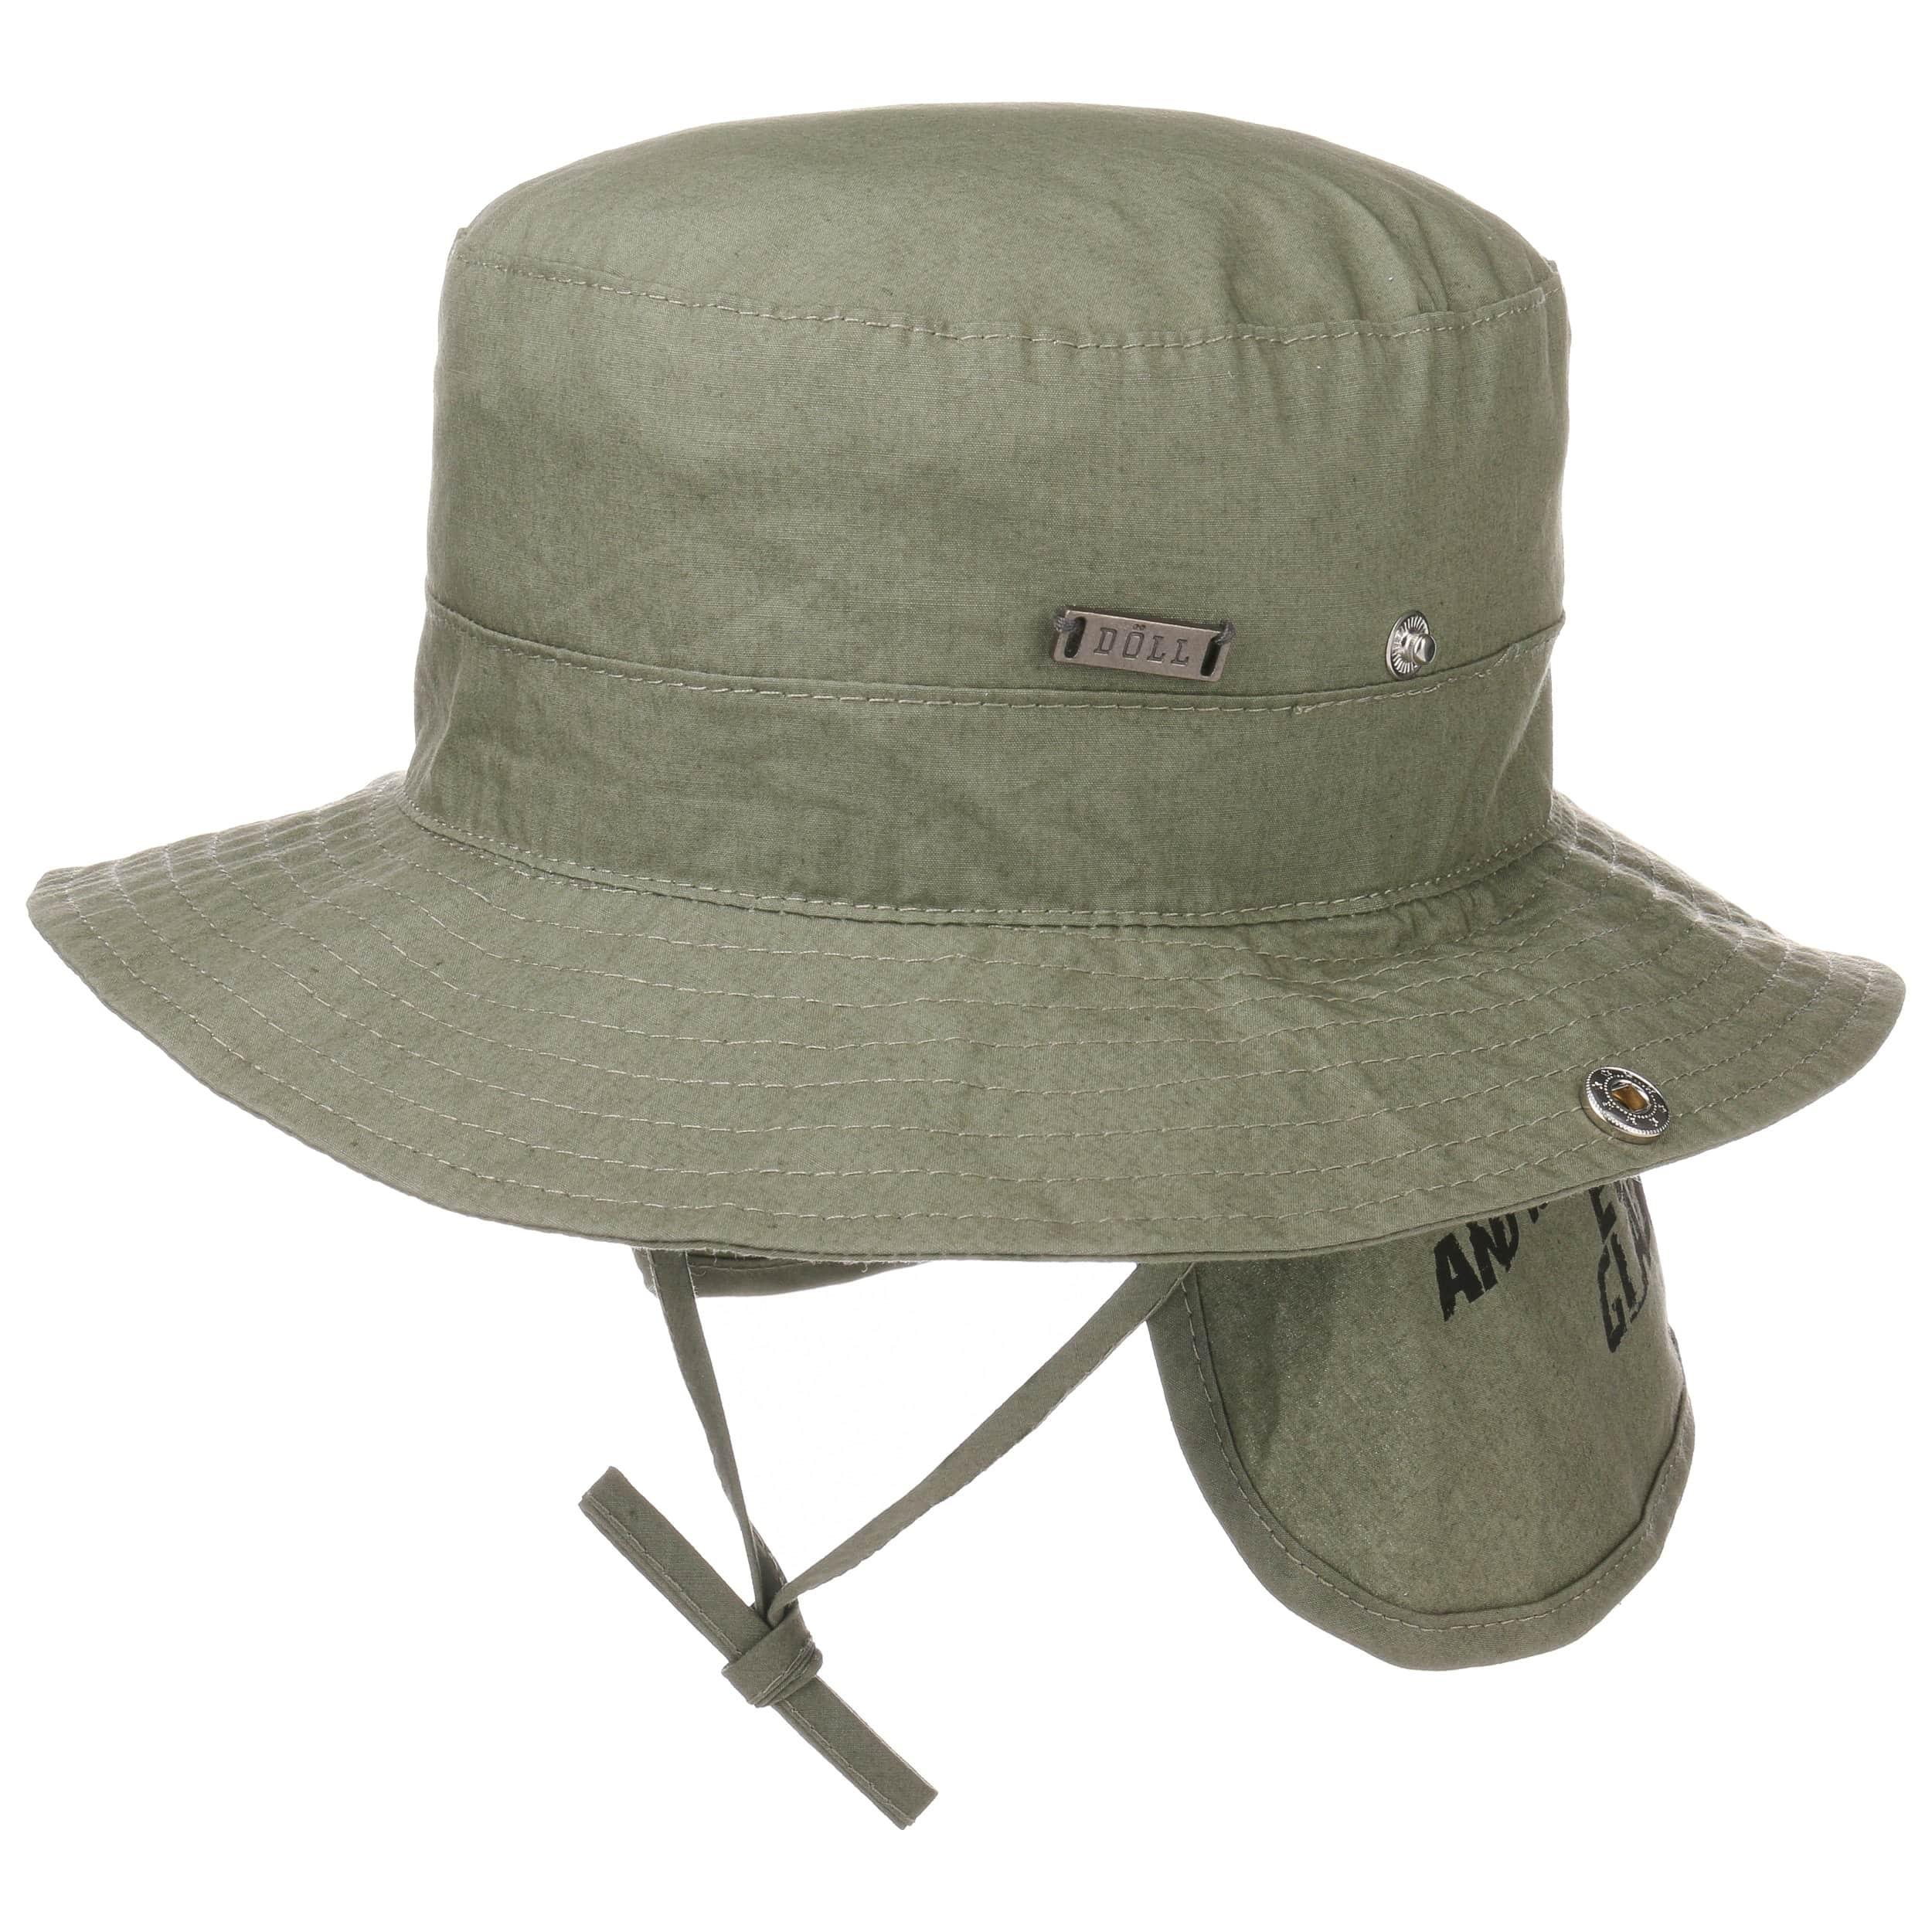 bienes de conveniencia clásico mejor lugar para Sombrero Safari Cubrenuca by Döll